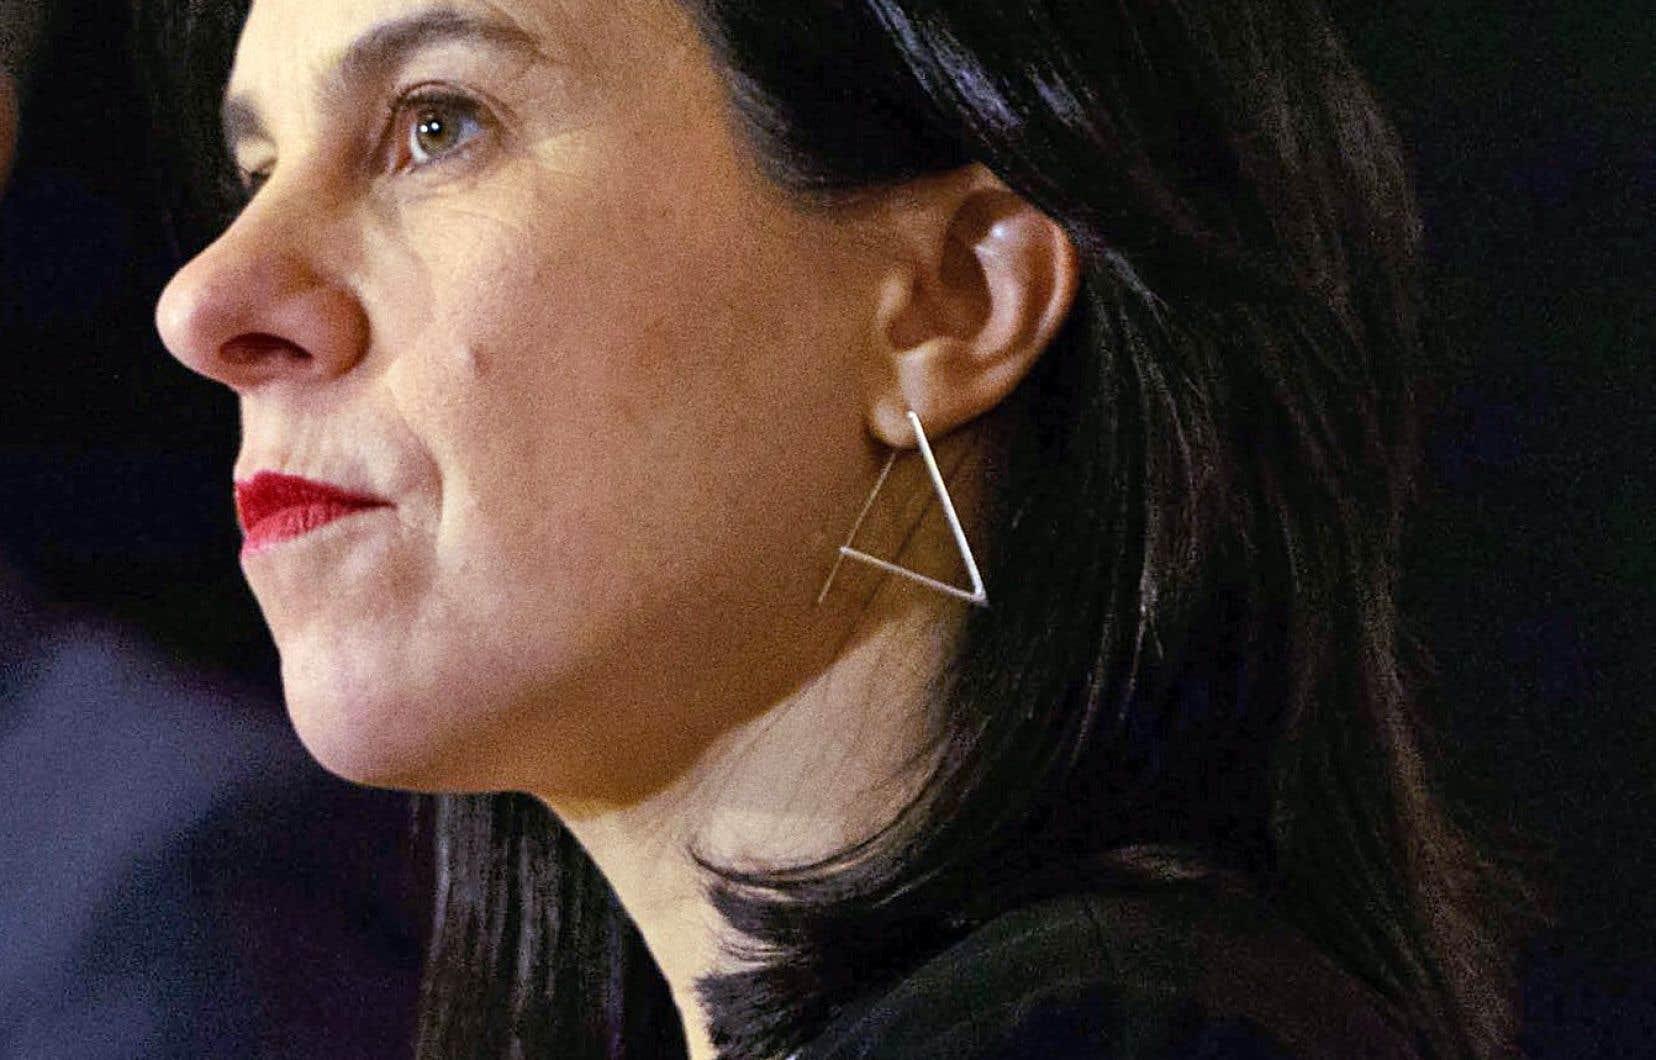 La mairesse Valérie Plante estime que le projet de loi sur la laïcité crée de la «division, de l'animosité et de l'insécurité».